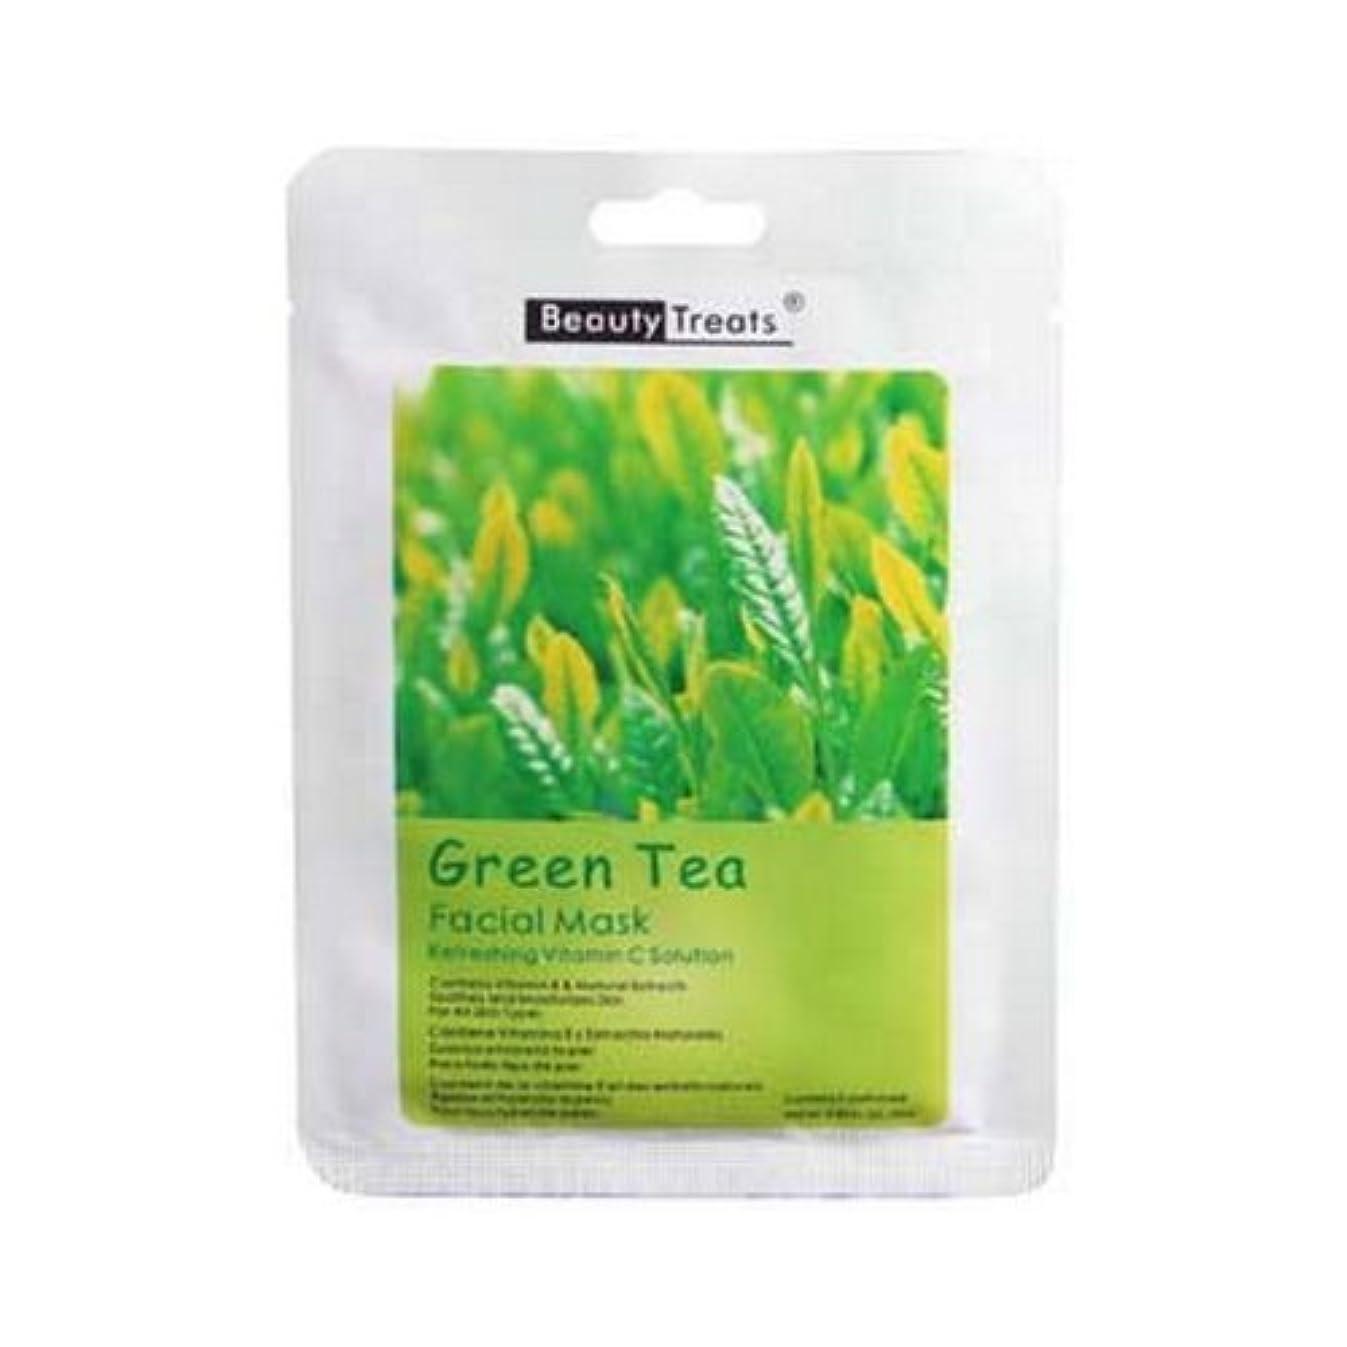 豆腐ひどくビリー(3 Pack) BEAUTY TREATS Facial Mask Refreshing Vitamin C Solution - Green Tea (並行輸入品)